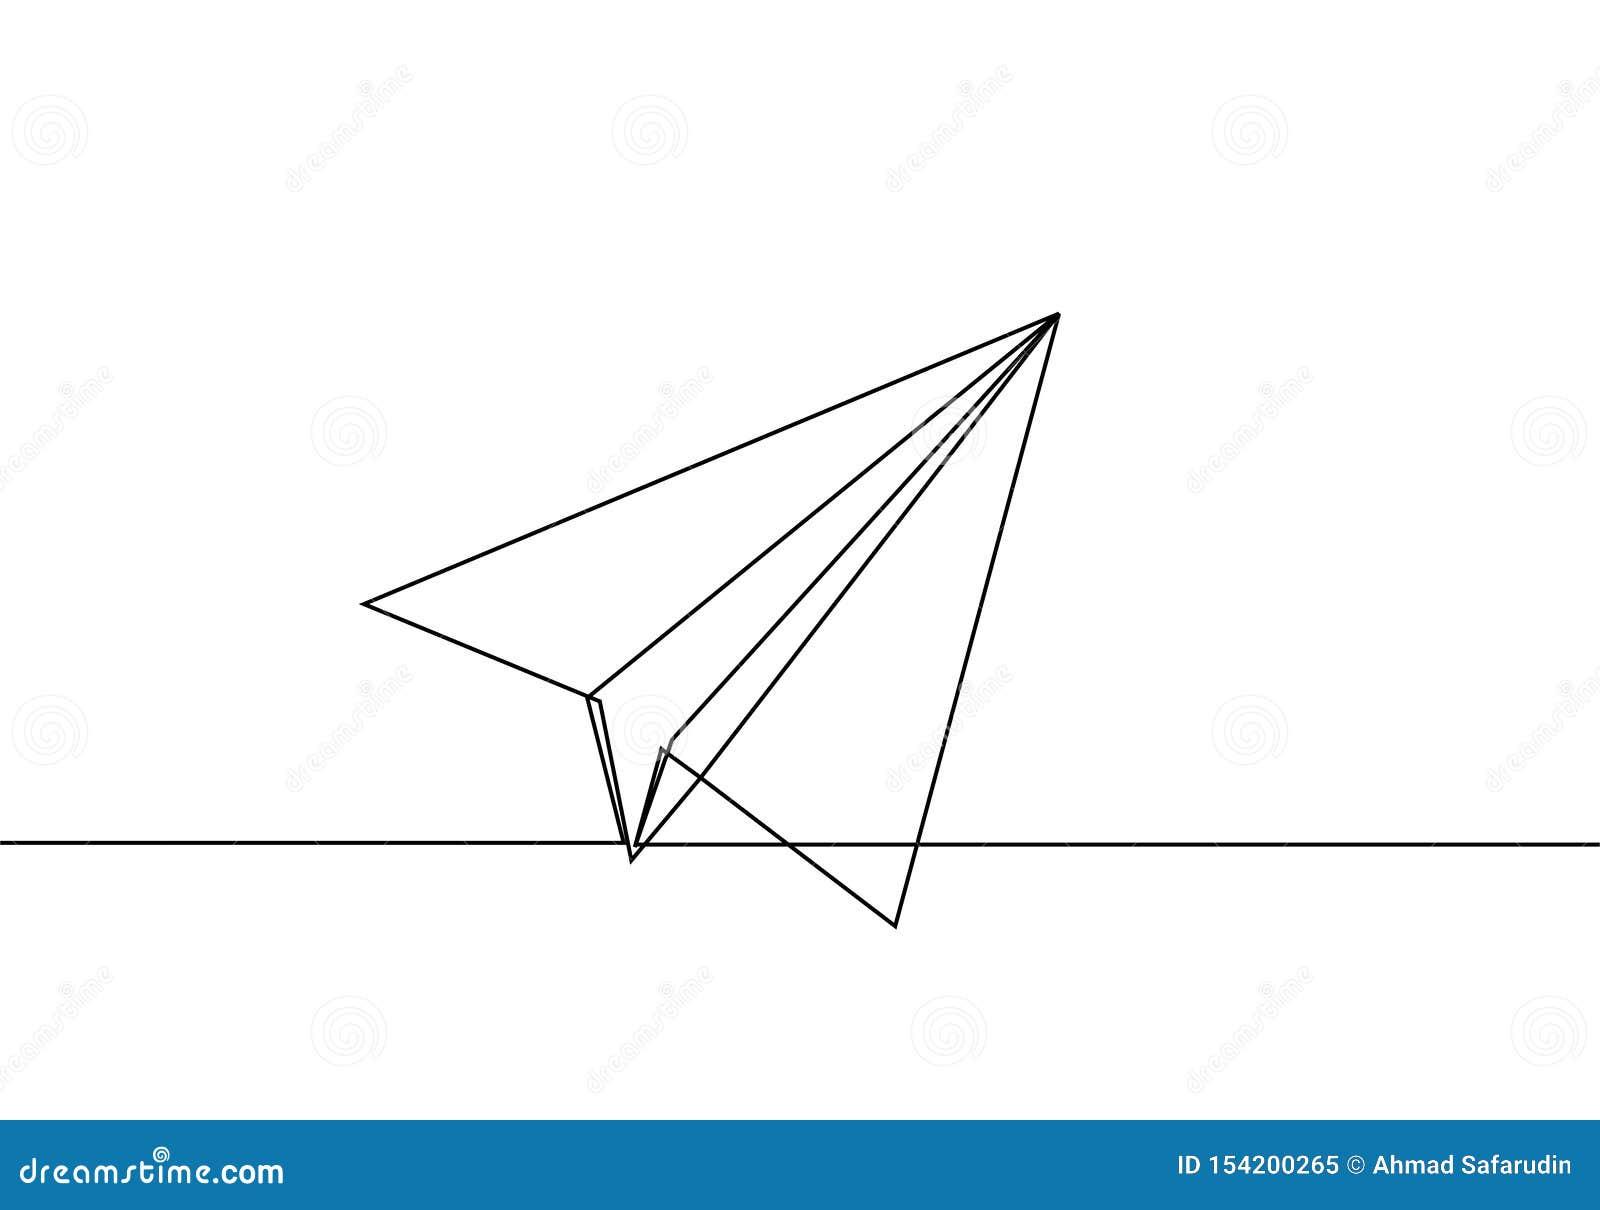 Σχέδιο γραμμών αεροπλάνων εγγράφου συνεχές μινιμαλισμός σχεδίου lineart